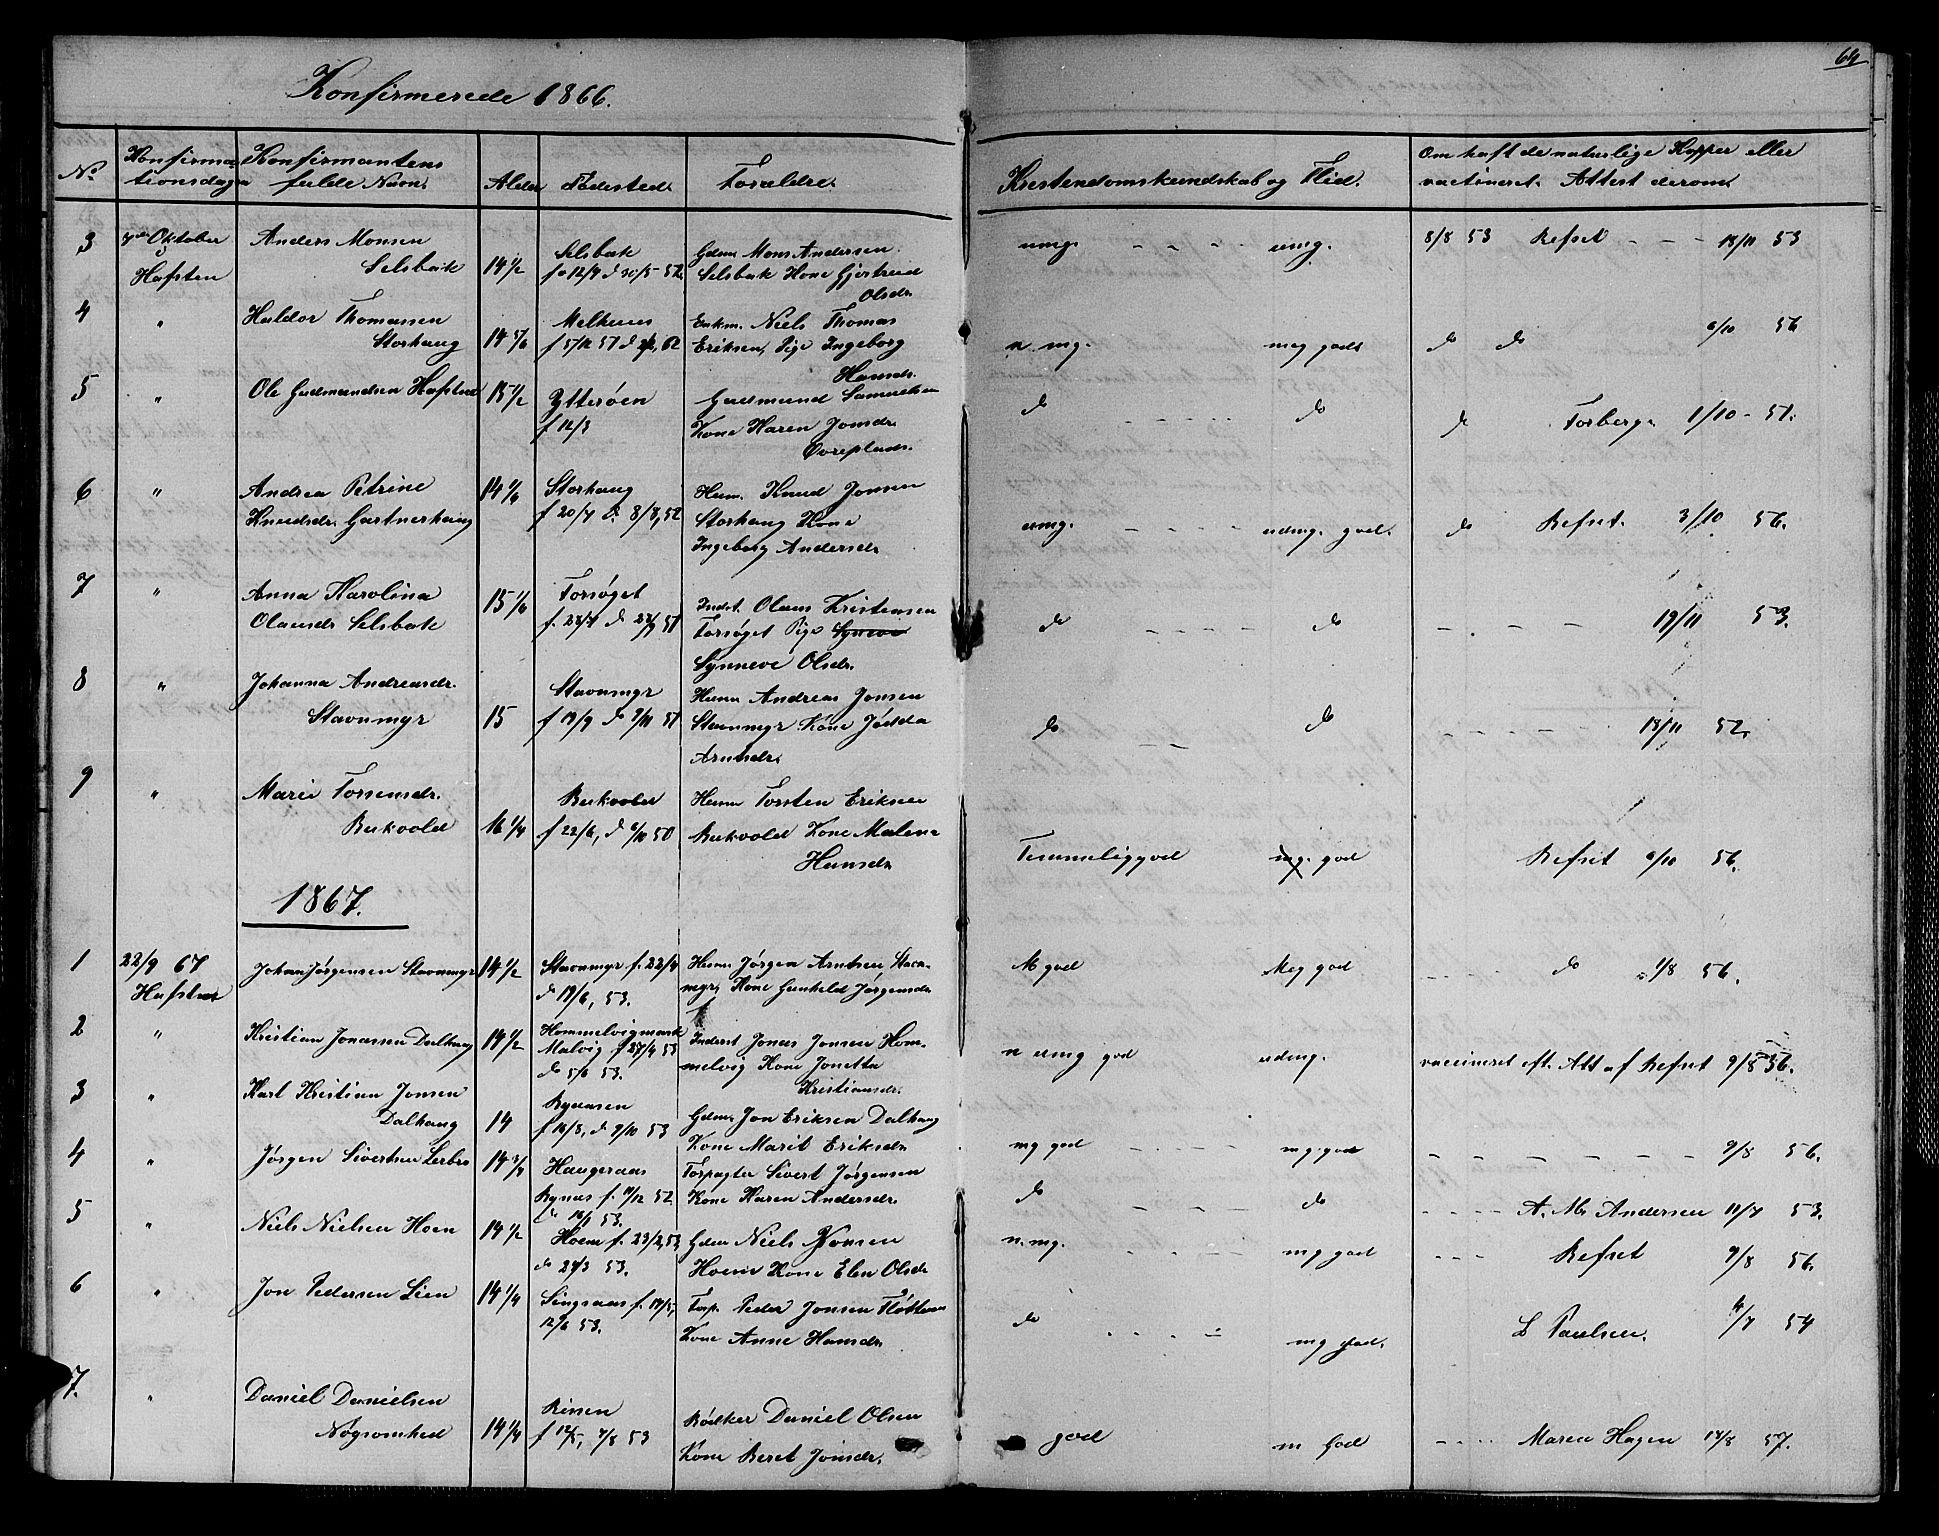 SAT, Ministerialprotokoller, klokkerbøker og fødselsregistre - Sør-Trøndelag, 611/L0353: Klokkerbok nr. 611C01, 1854-1881, s. 64